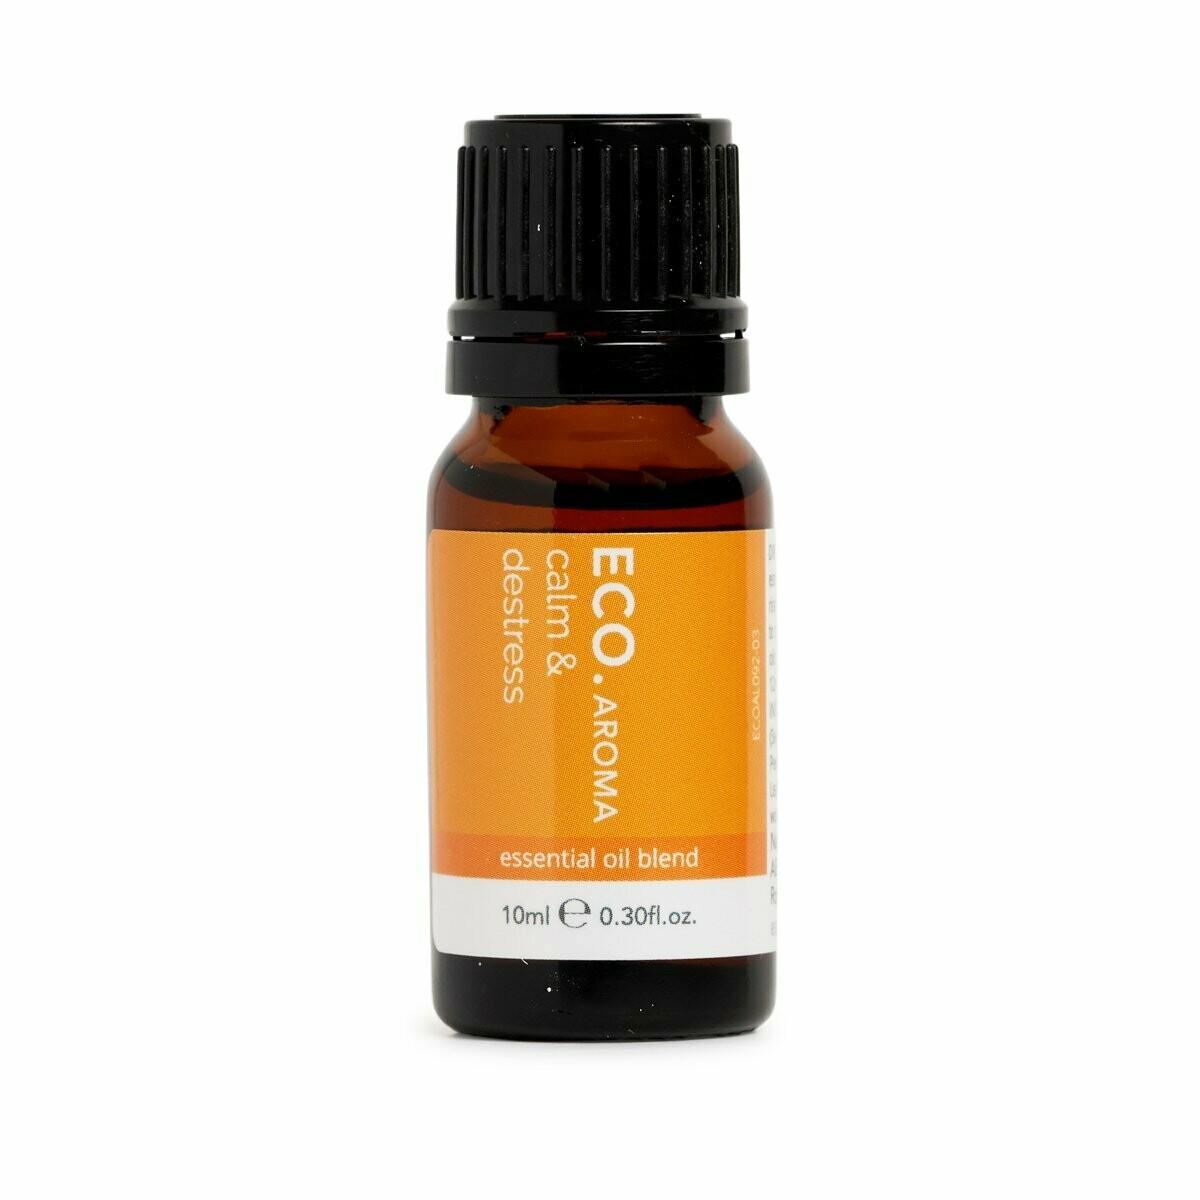 ECO. Aroma Calm & Destress Blend 10mL